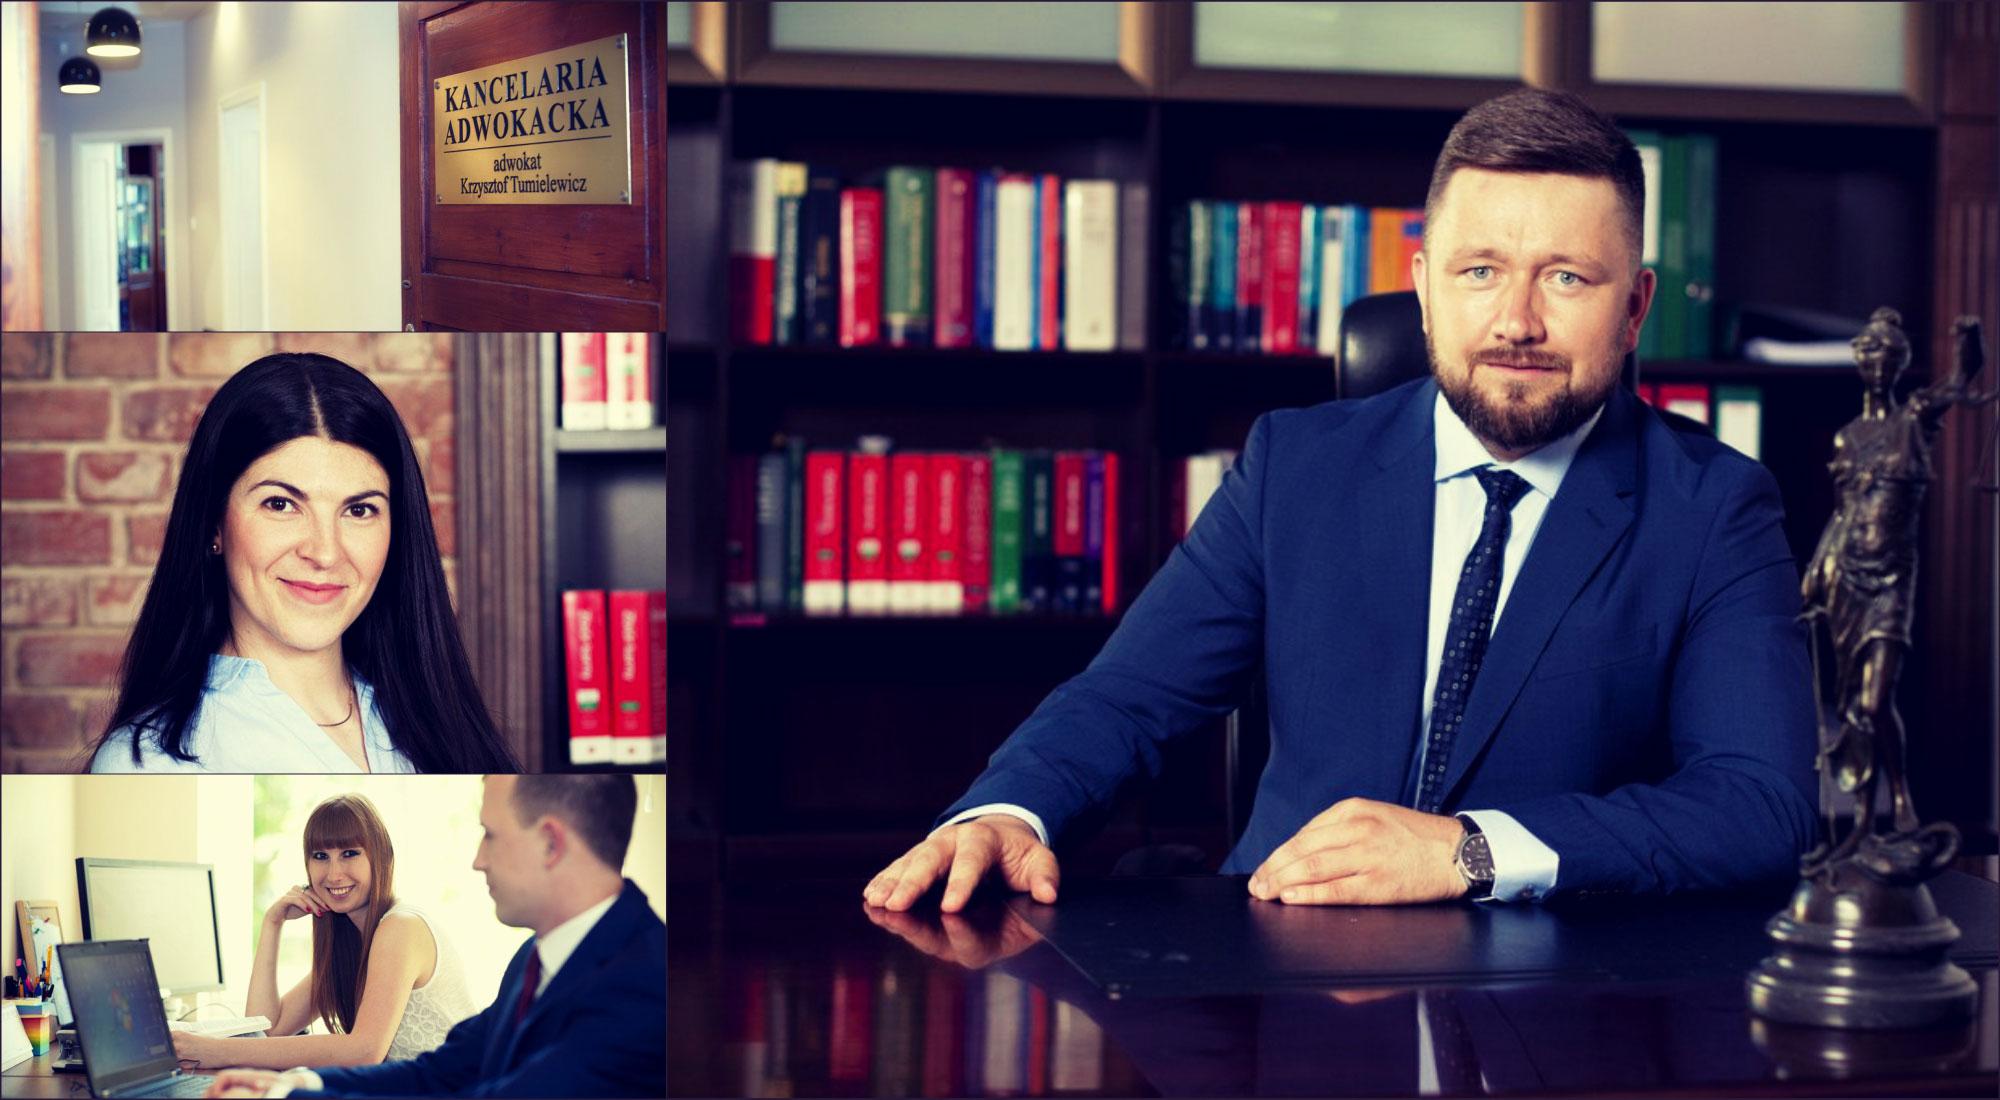 Profesjonalne usługi prawnicze